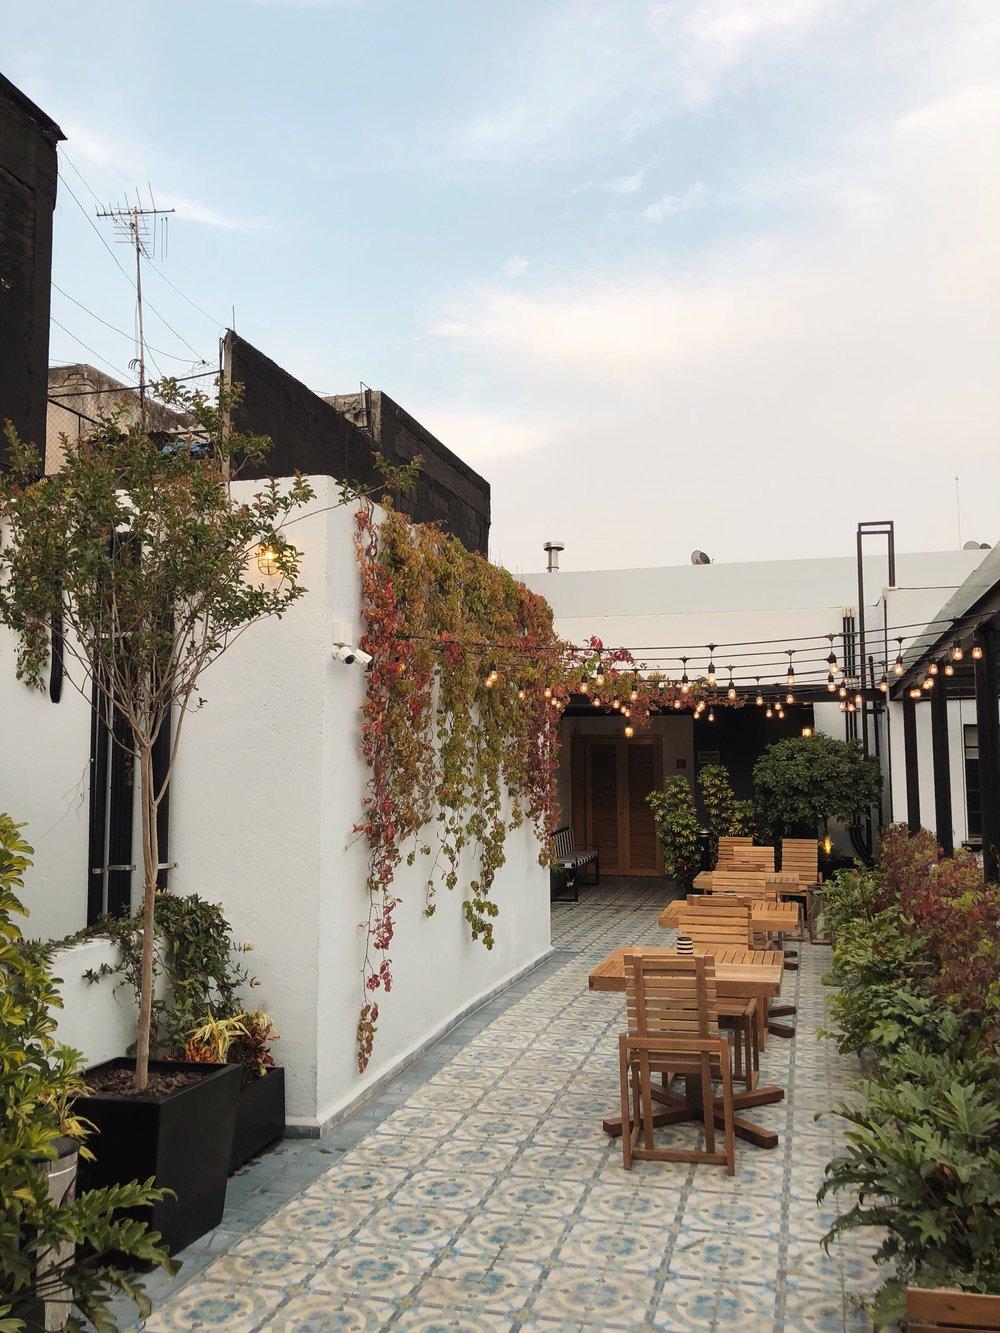 Casa Decu, Mexico City